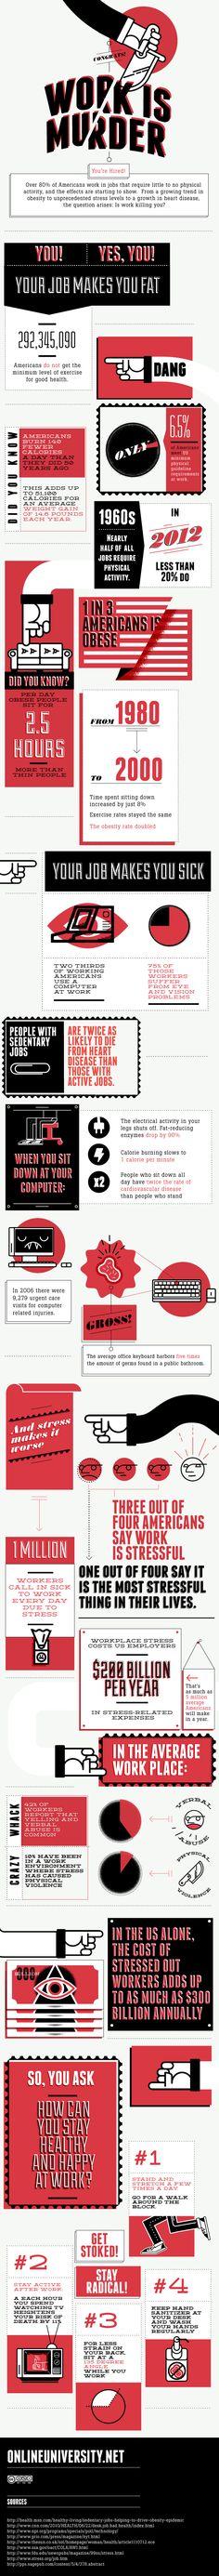 [Infographic] Werken is gevaarlijk